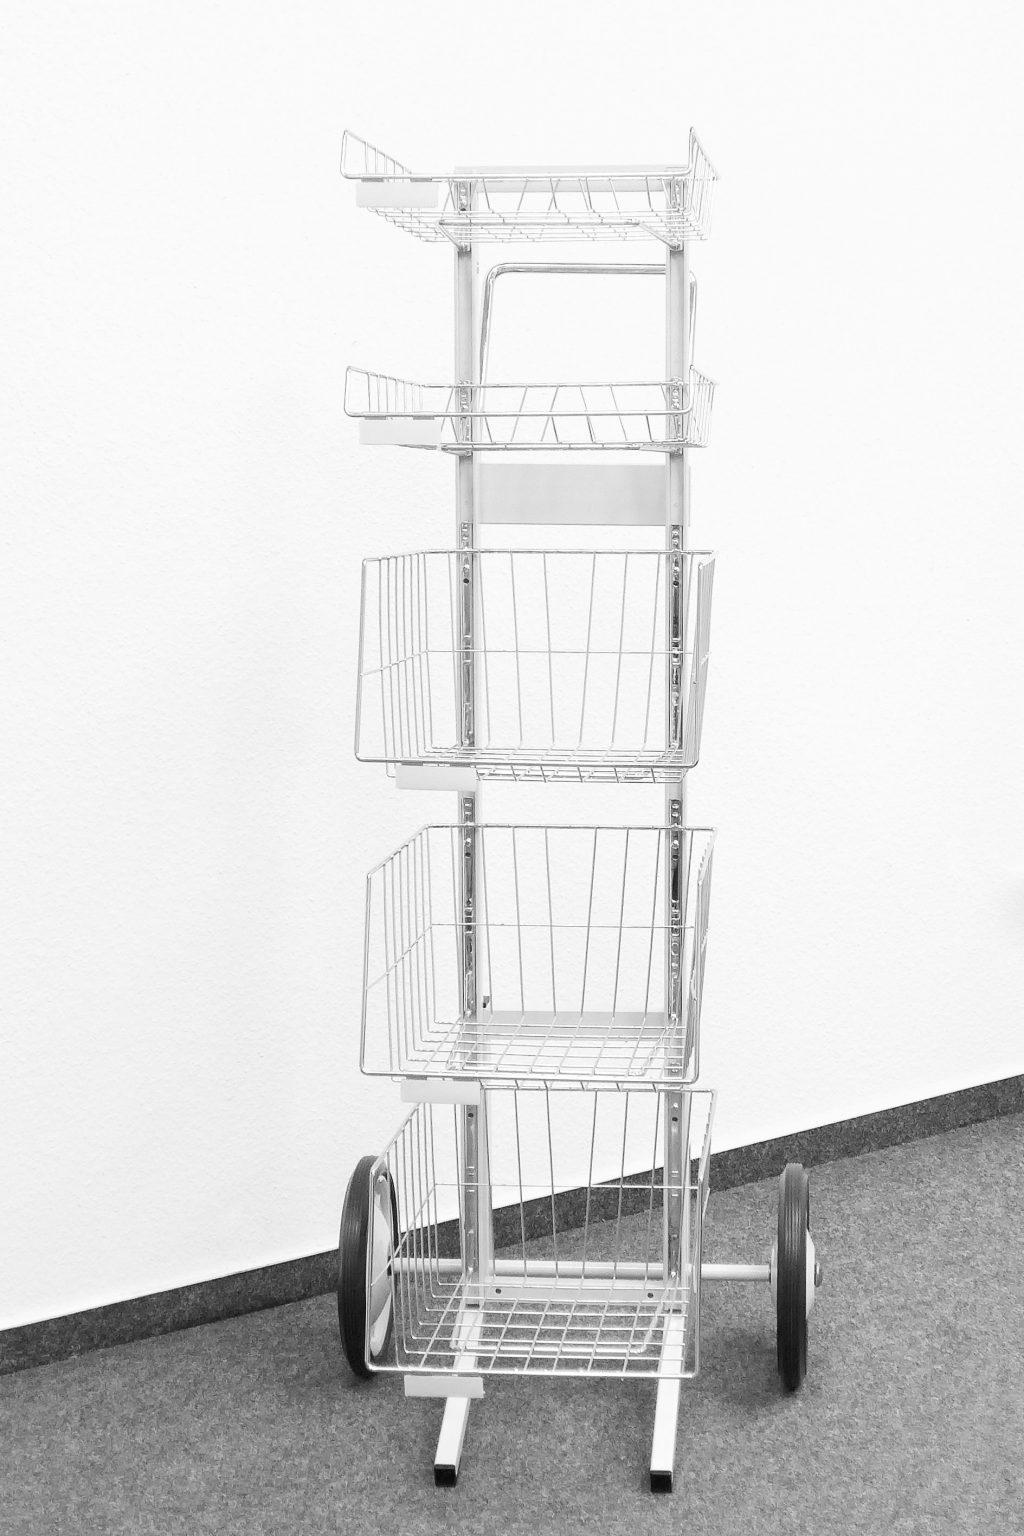 Rollisett C | Grieshaber – Ideen aus Draht und Stahl